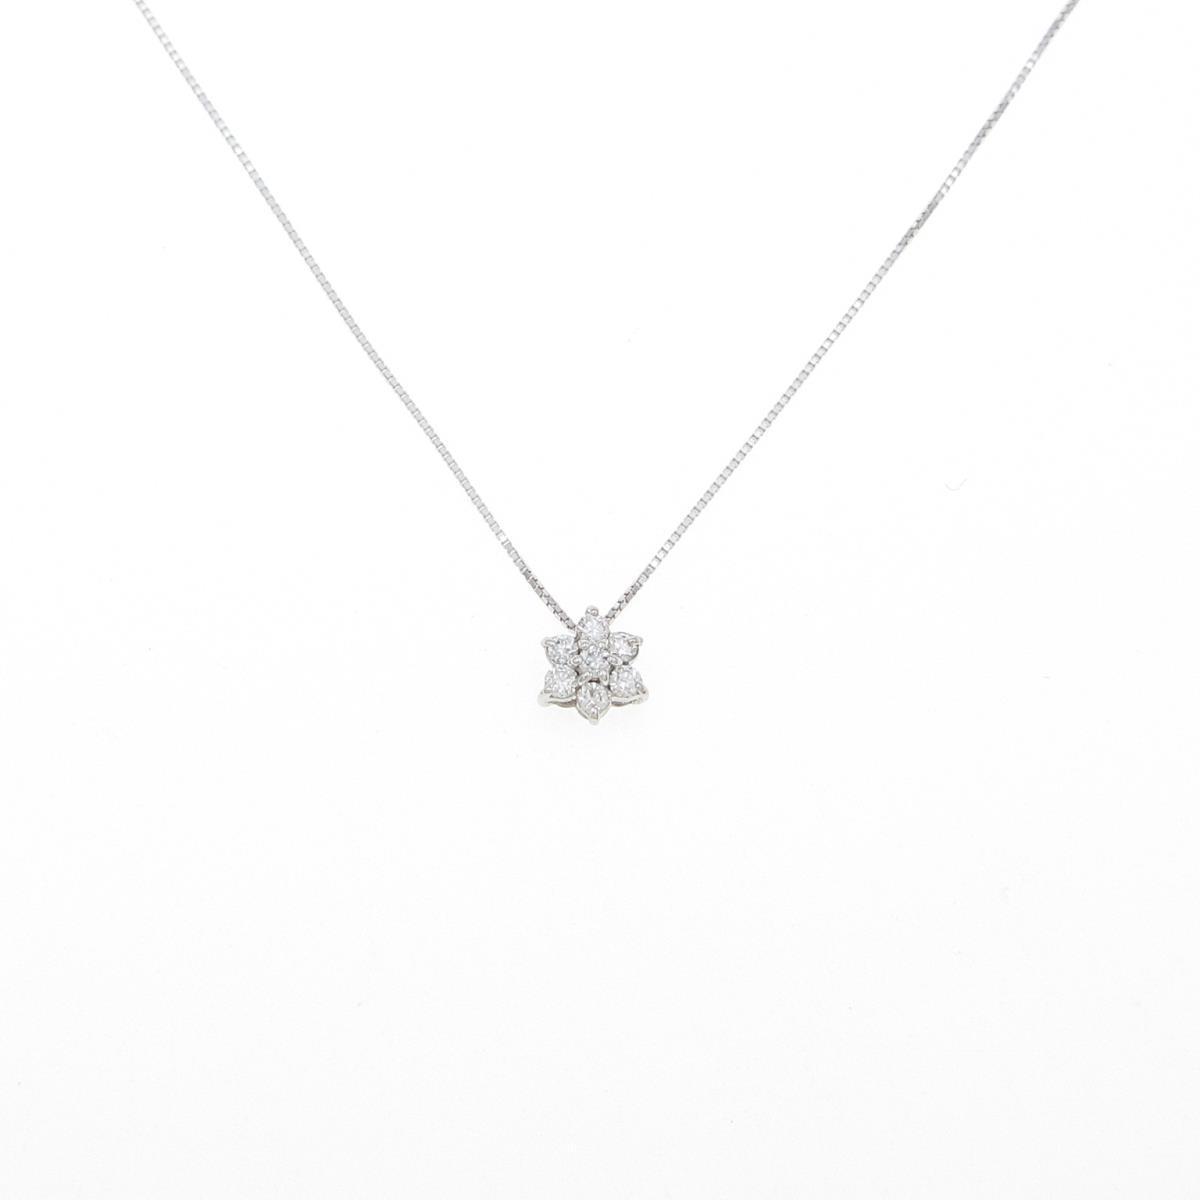 再再販 K10WG フラワー ダイヤモンドネックレス 中古 まとめ買い特価